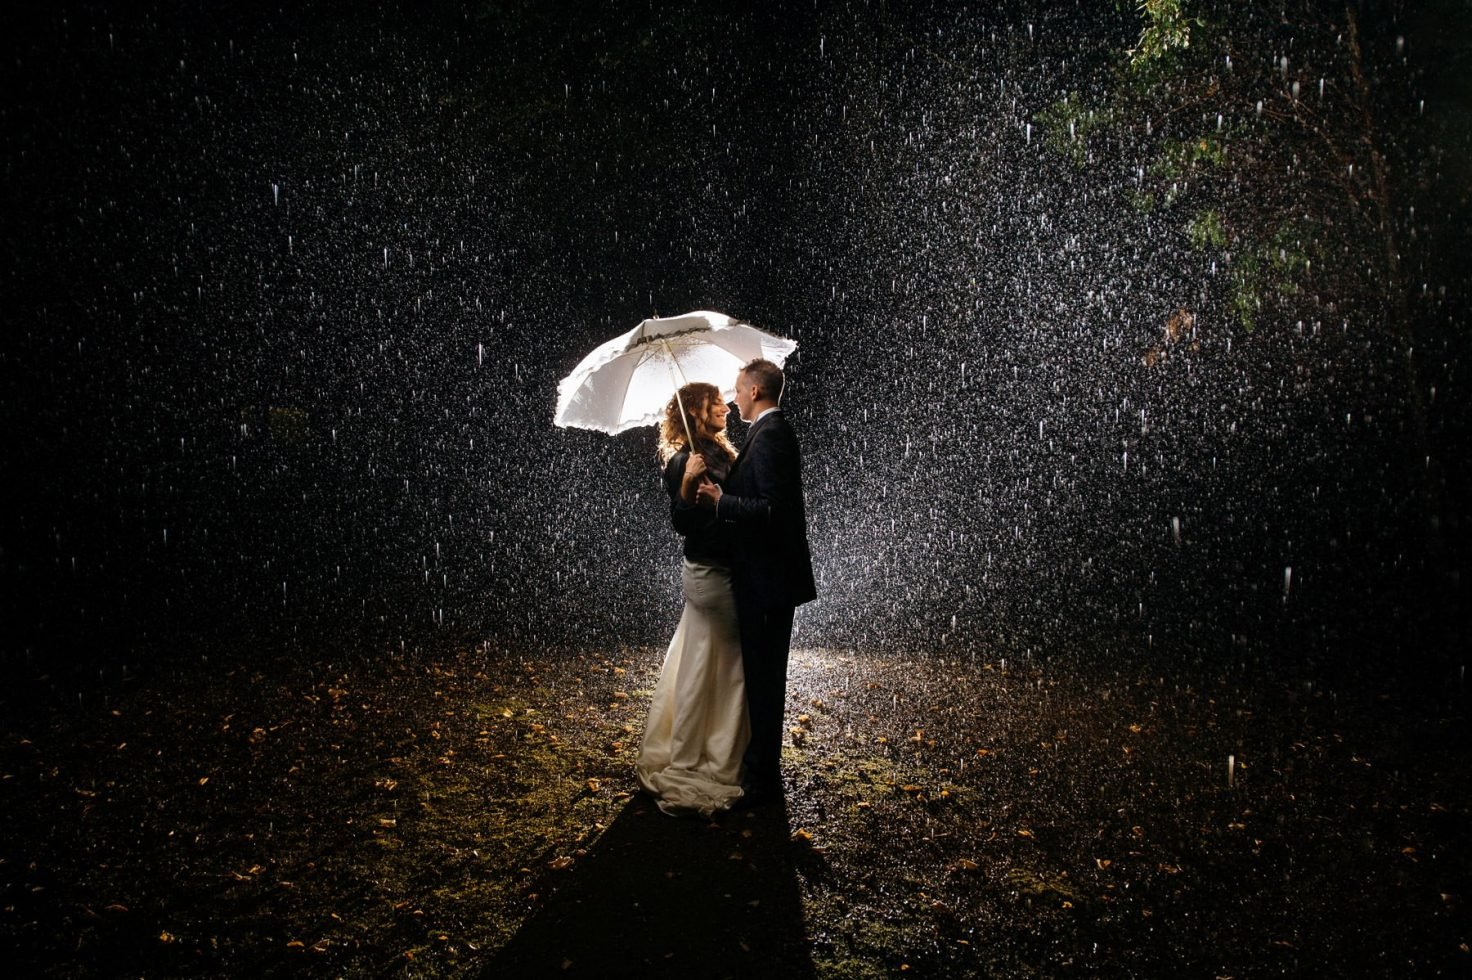 fotografia-di-matrimonio-sotto-la-pioggia